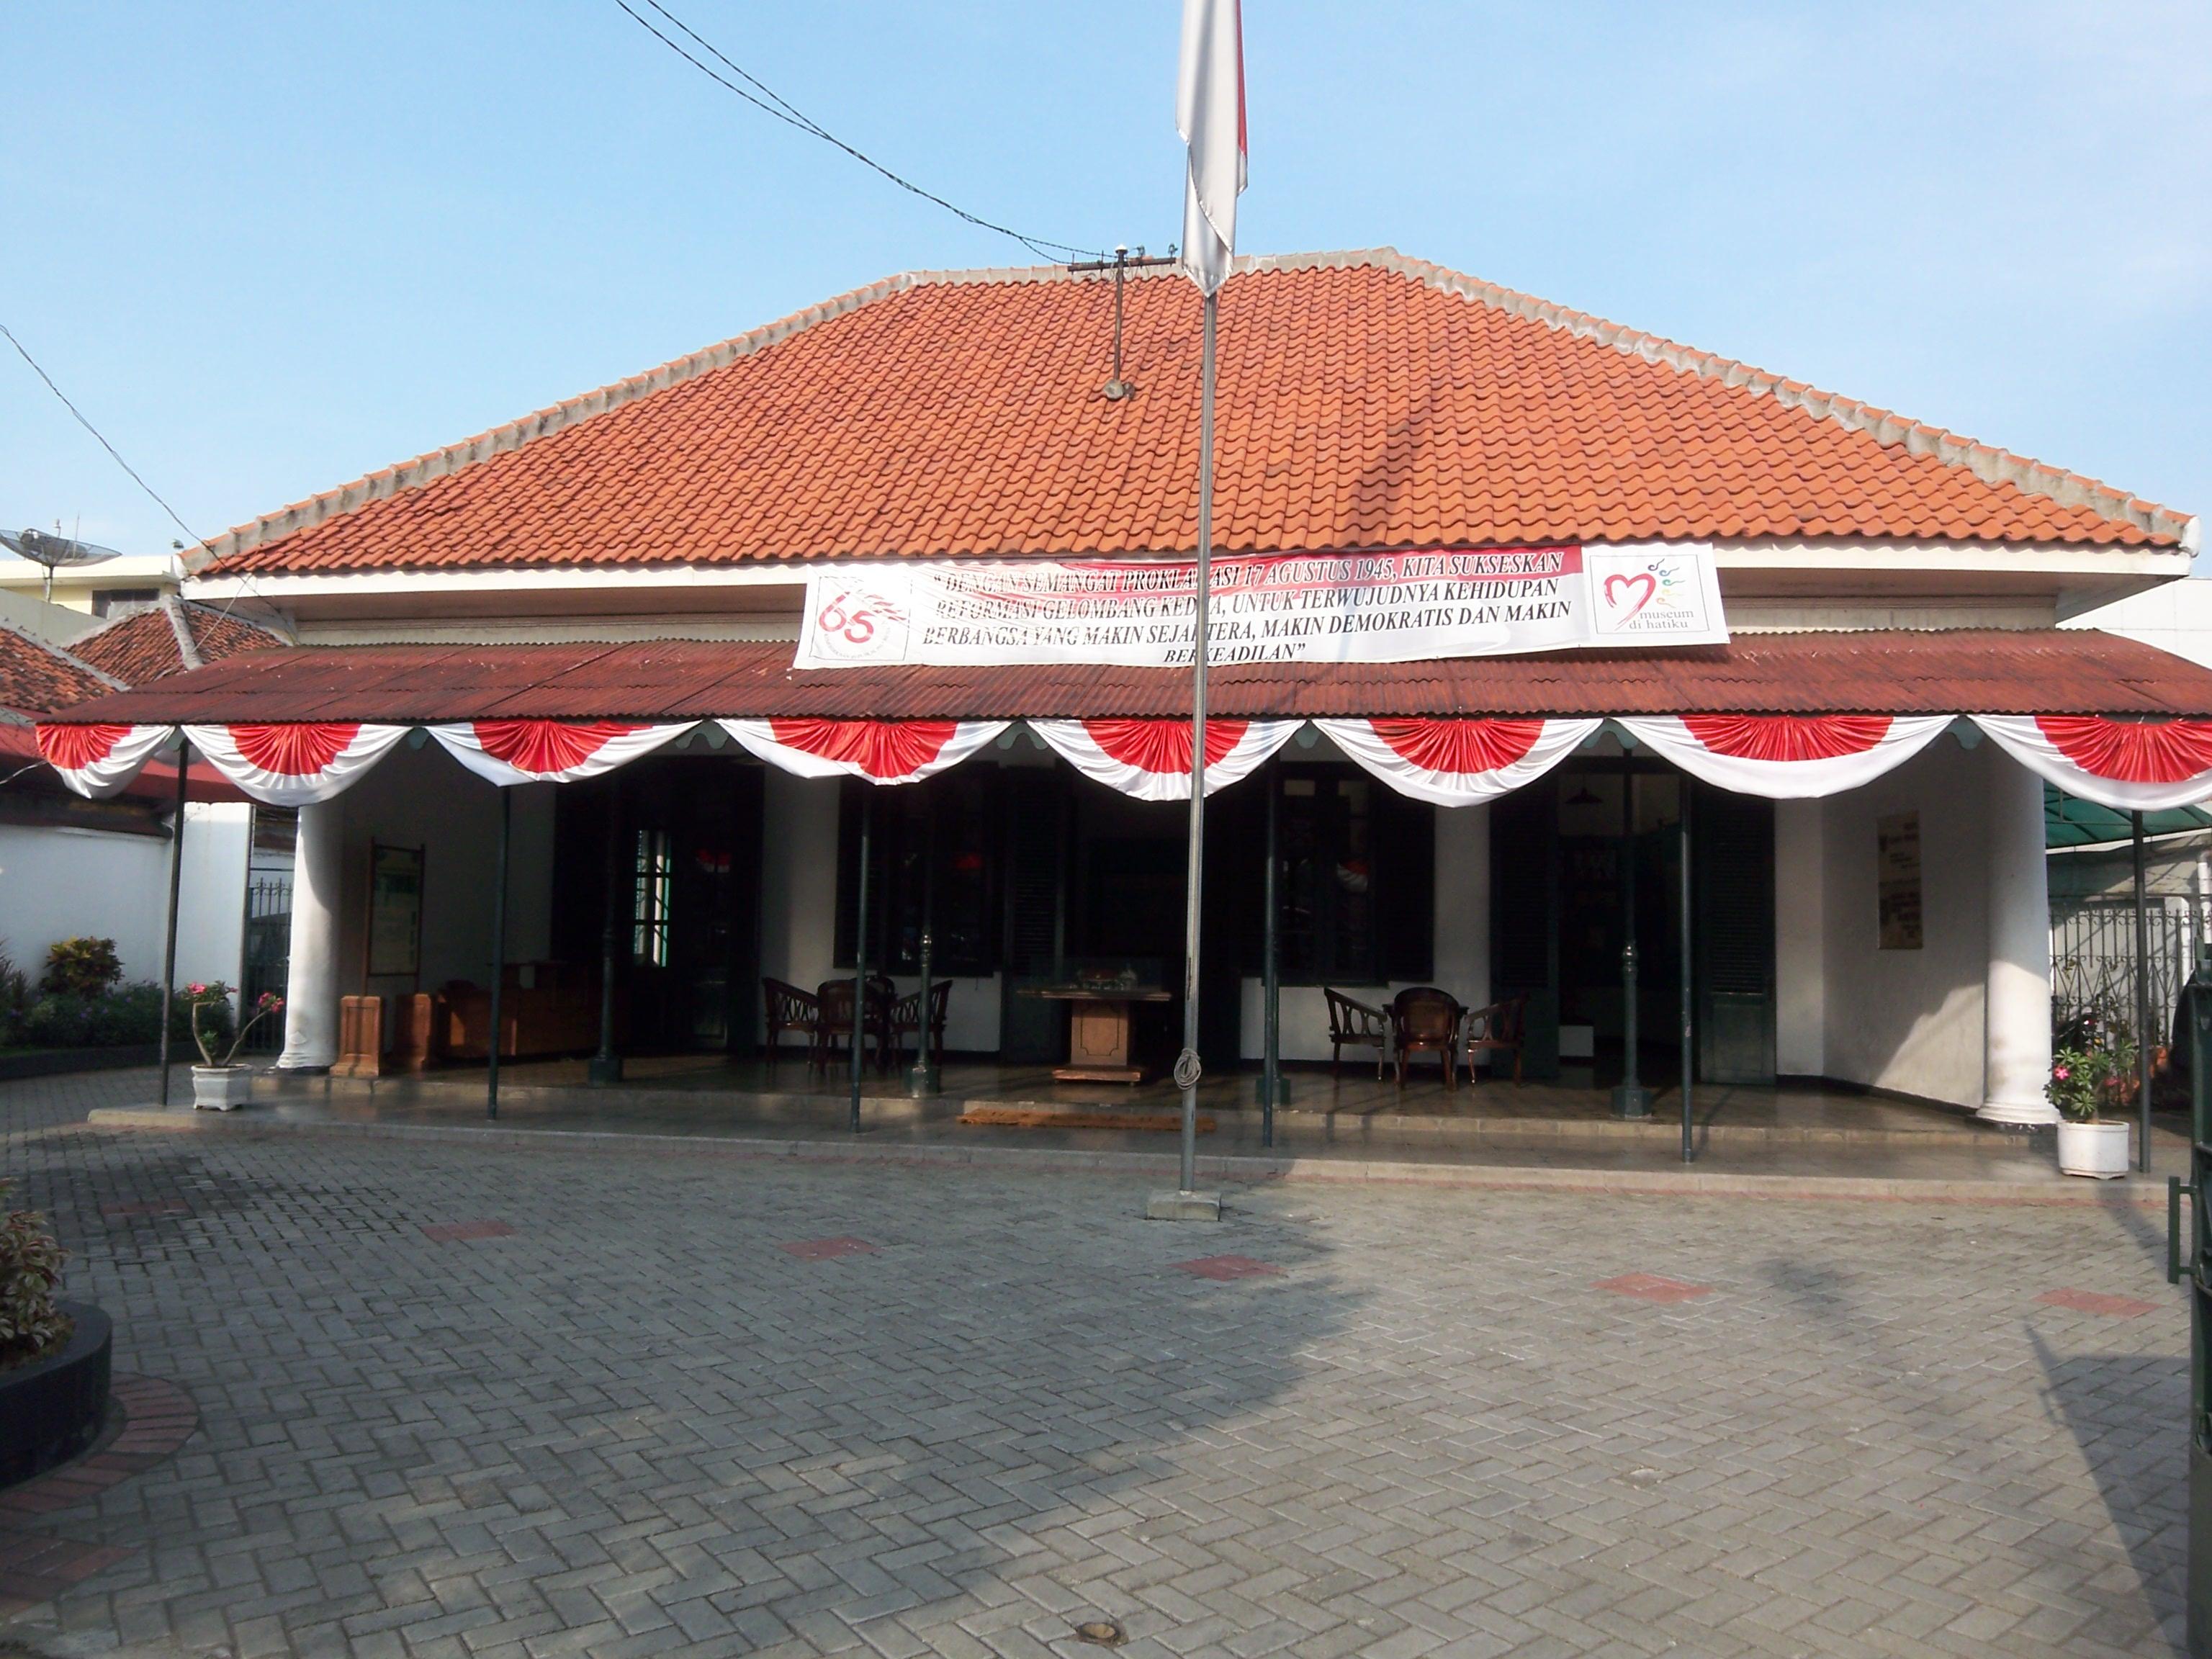 Ruang Kongres Sumpah Pemuda Museum Sumpah Pemuda Wikipedia Bahasa Indonesia Ensiklopedia Bebas